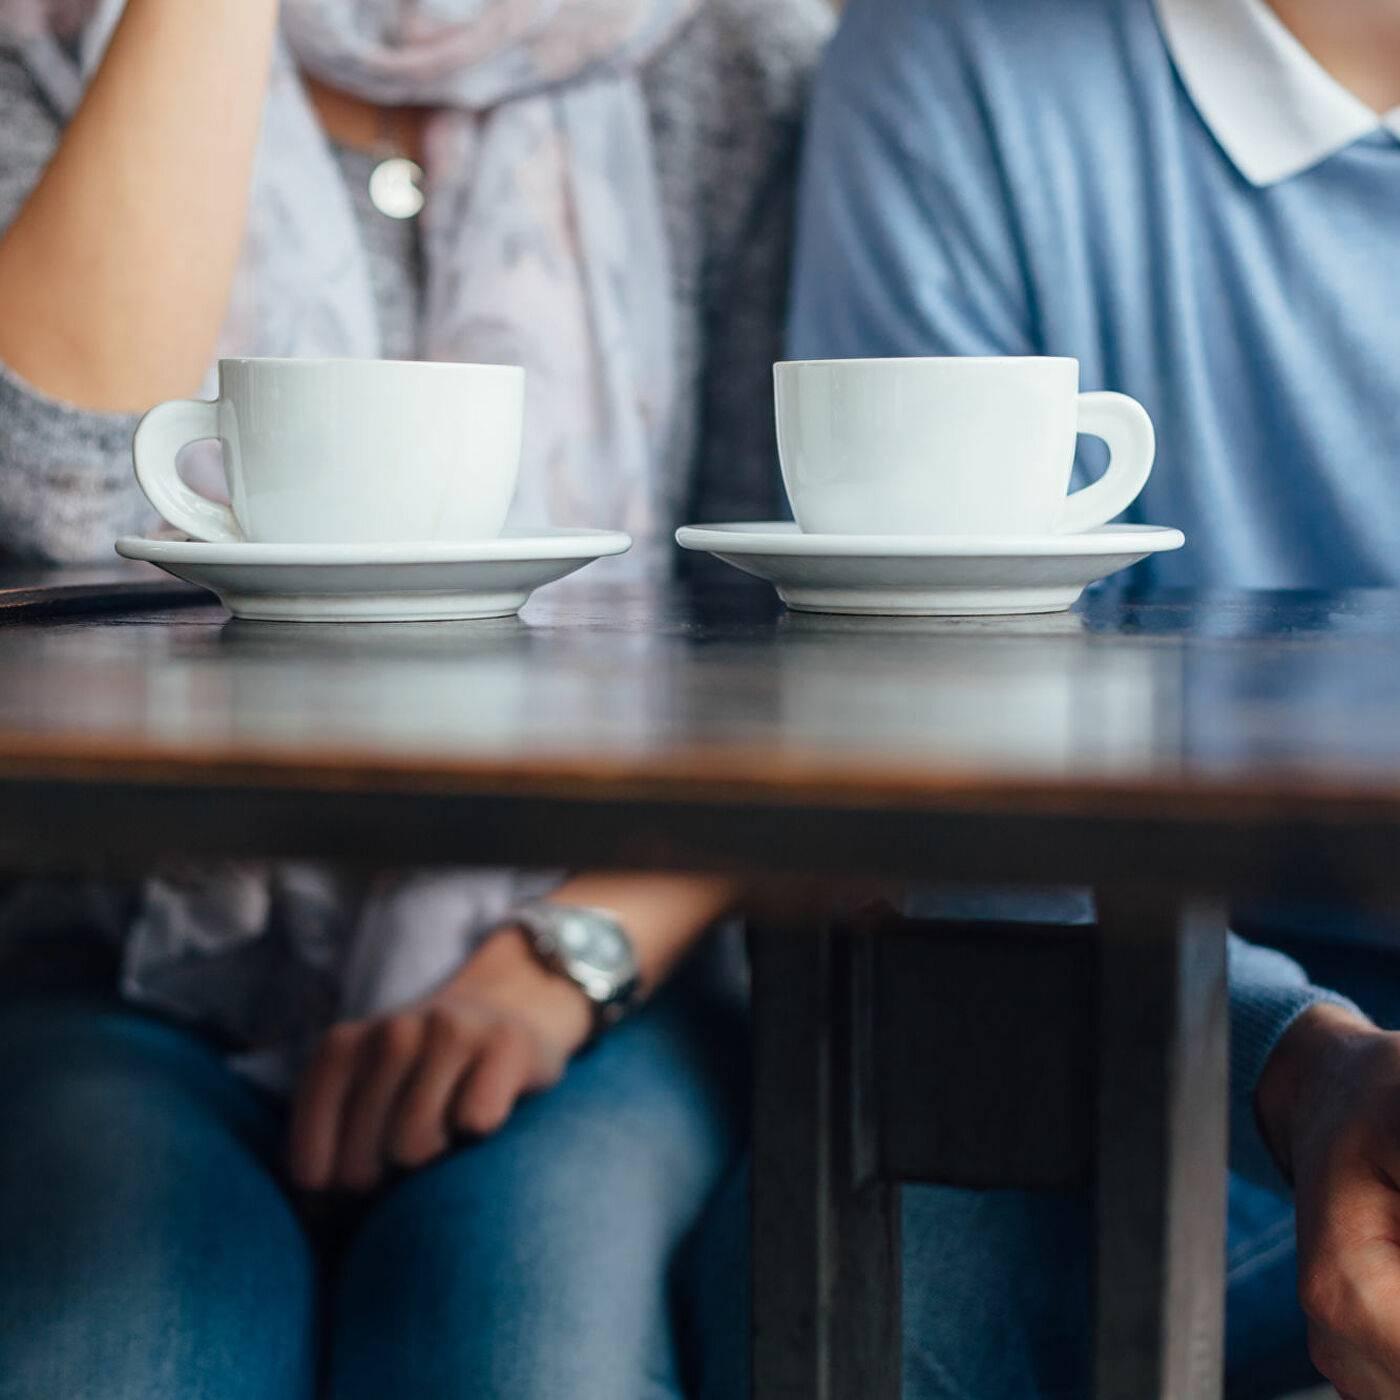 Влияет ли кофе на потенцию?